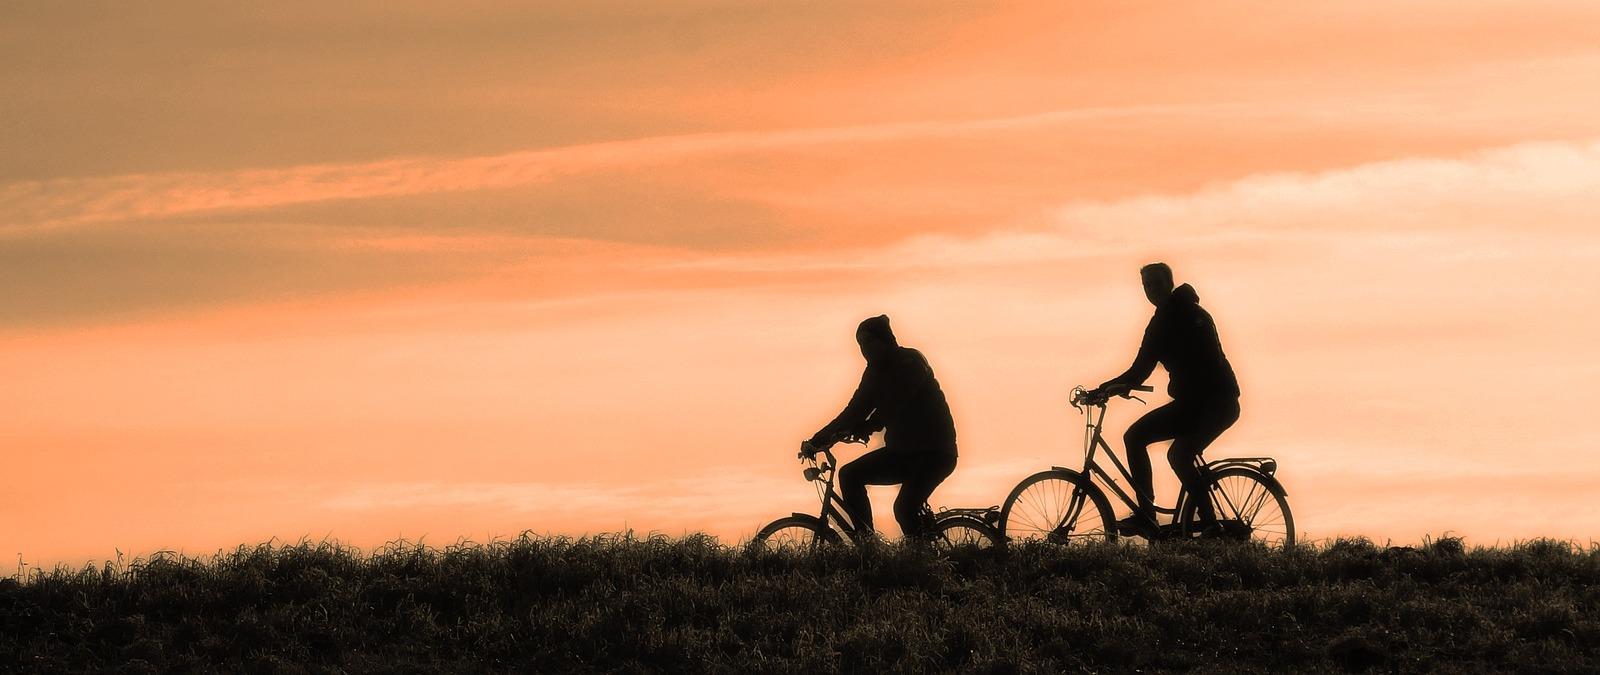 Salud y bici (IV): por qué sudar es saludable y cómo ir en bici ayuda a reducir el estrés